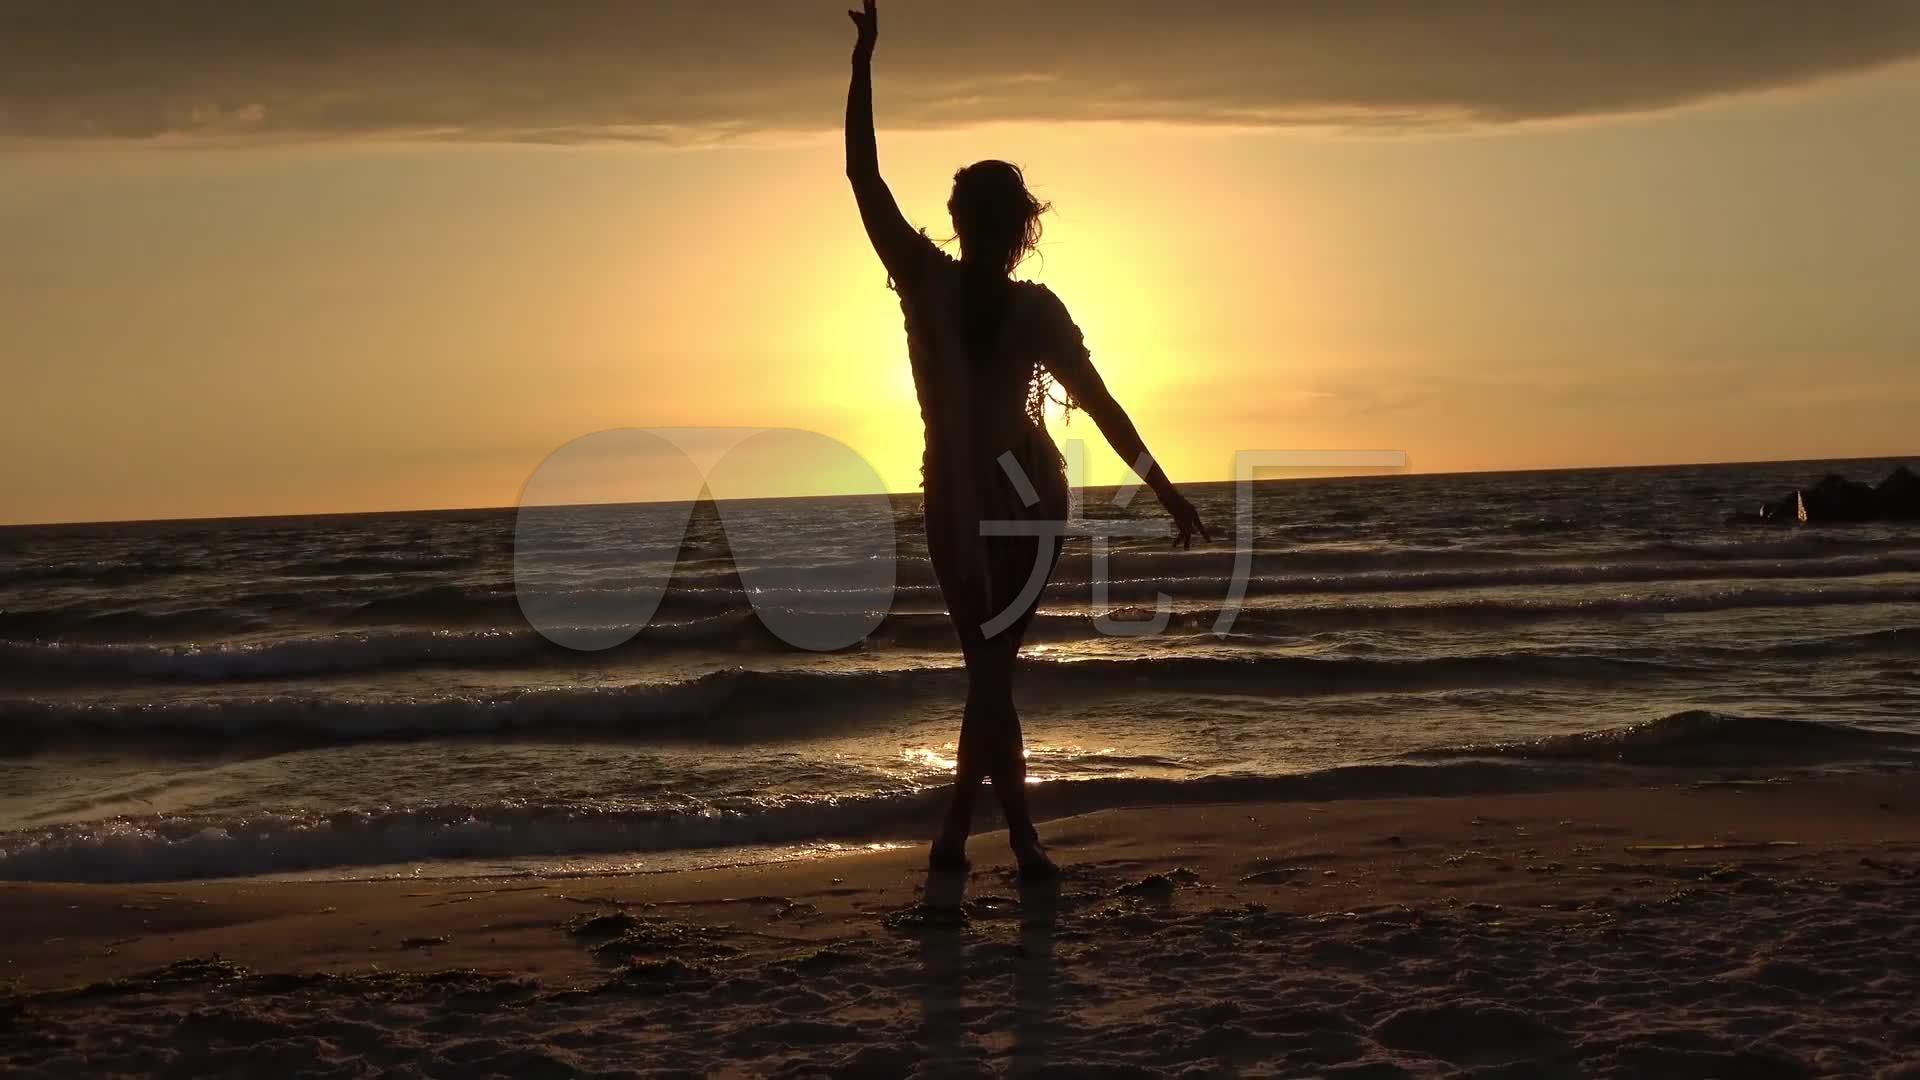 黄昏板书下海边唯美背影草原落日_1920X108舞蹈美女v板书教案图片